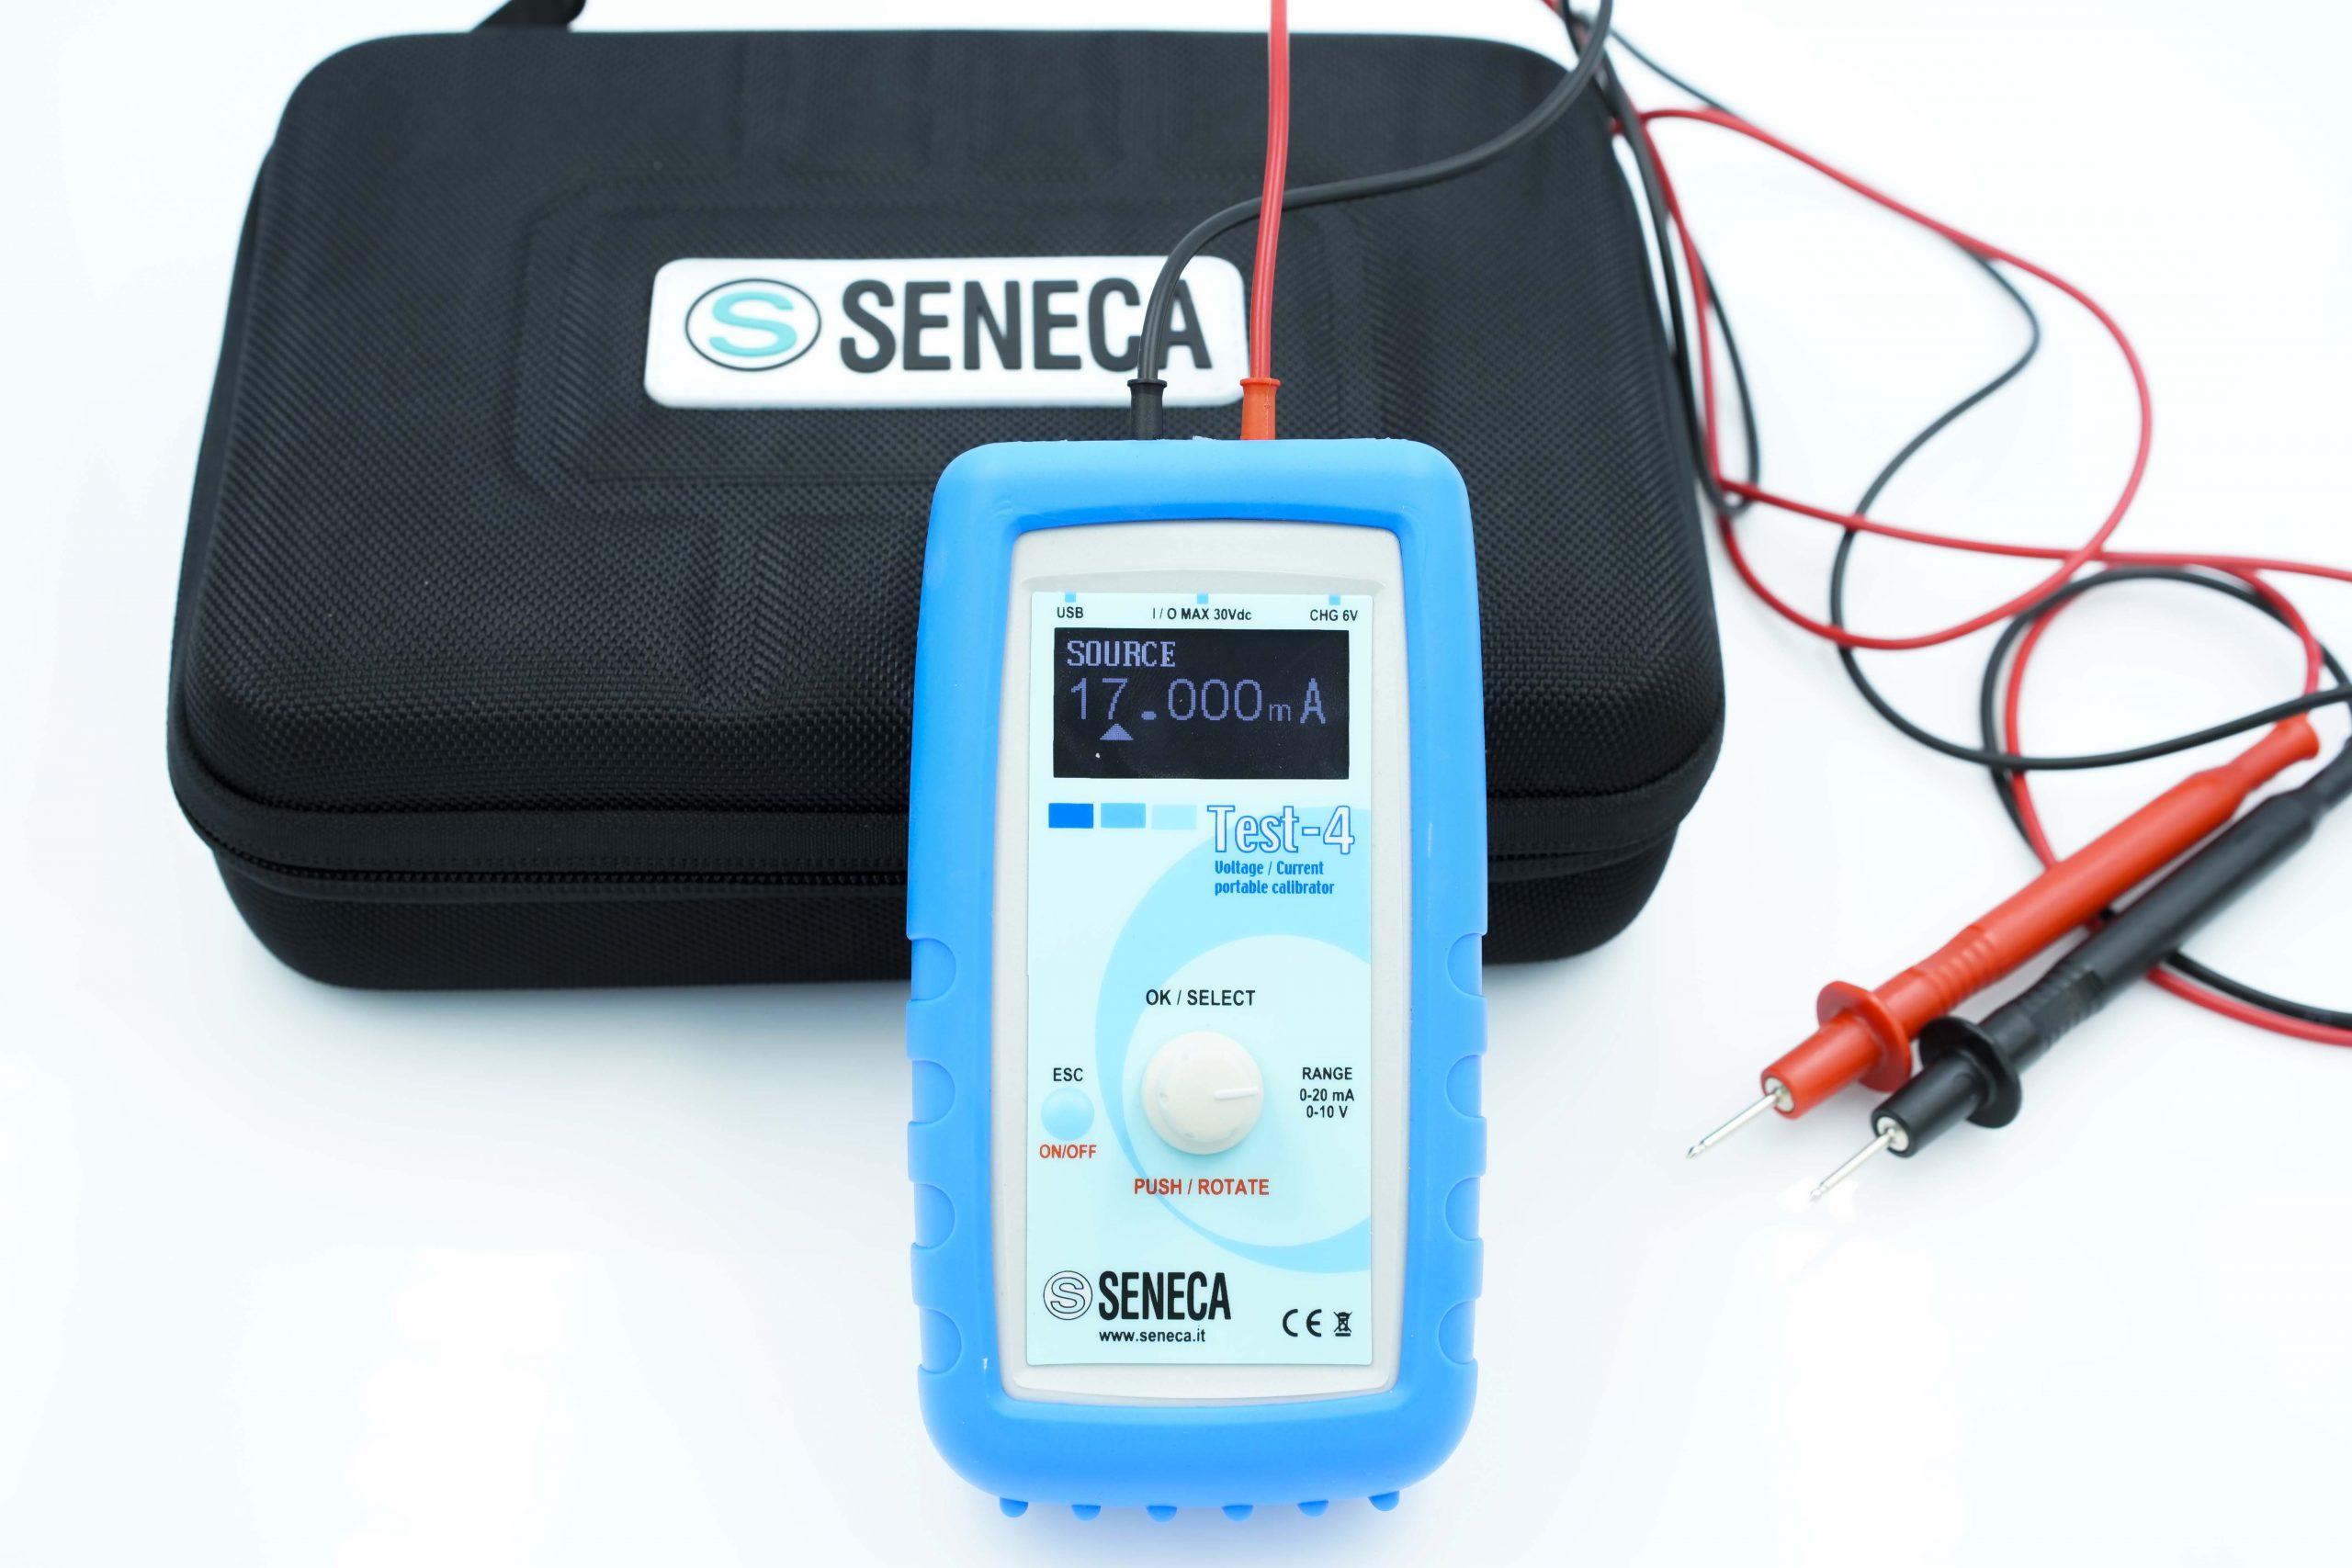 Bộ phát dòng 4-20mA   Seneca TEST-4